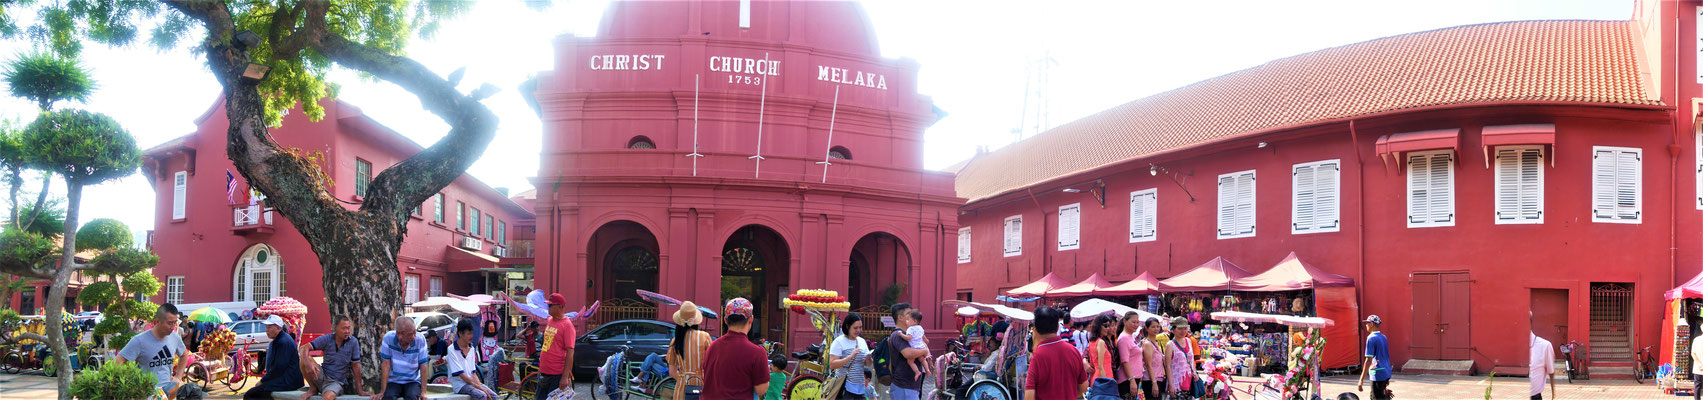 Melaka Reisetipps: Red Square